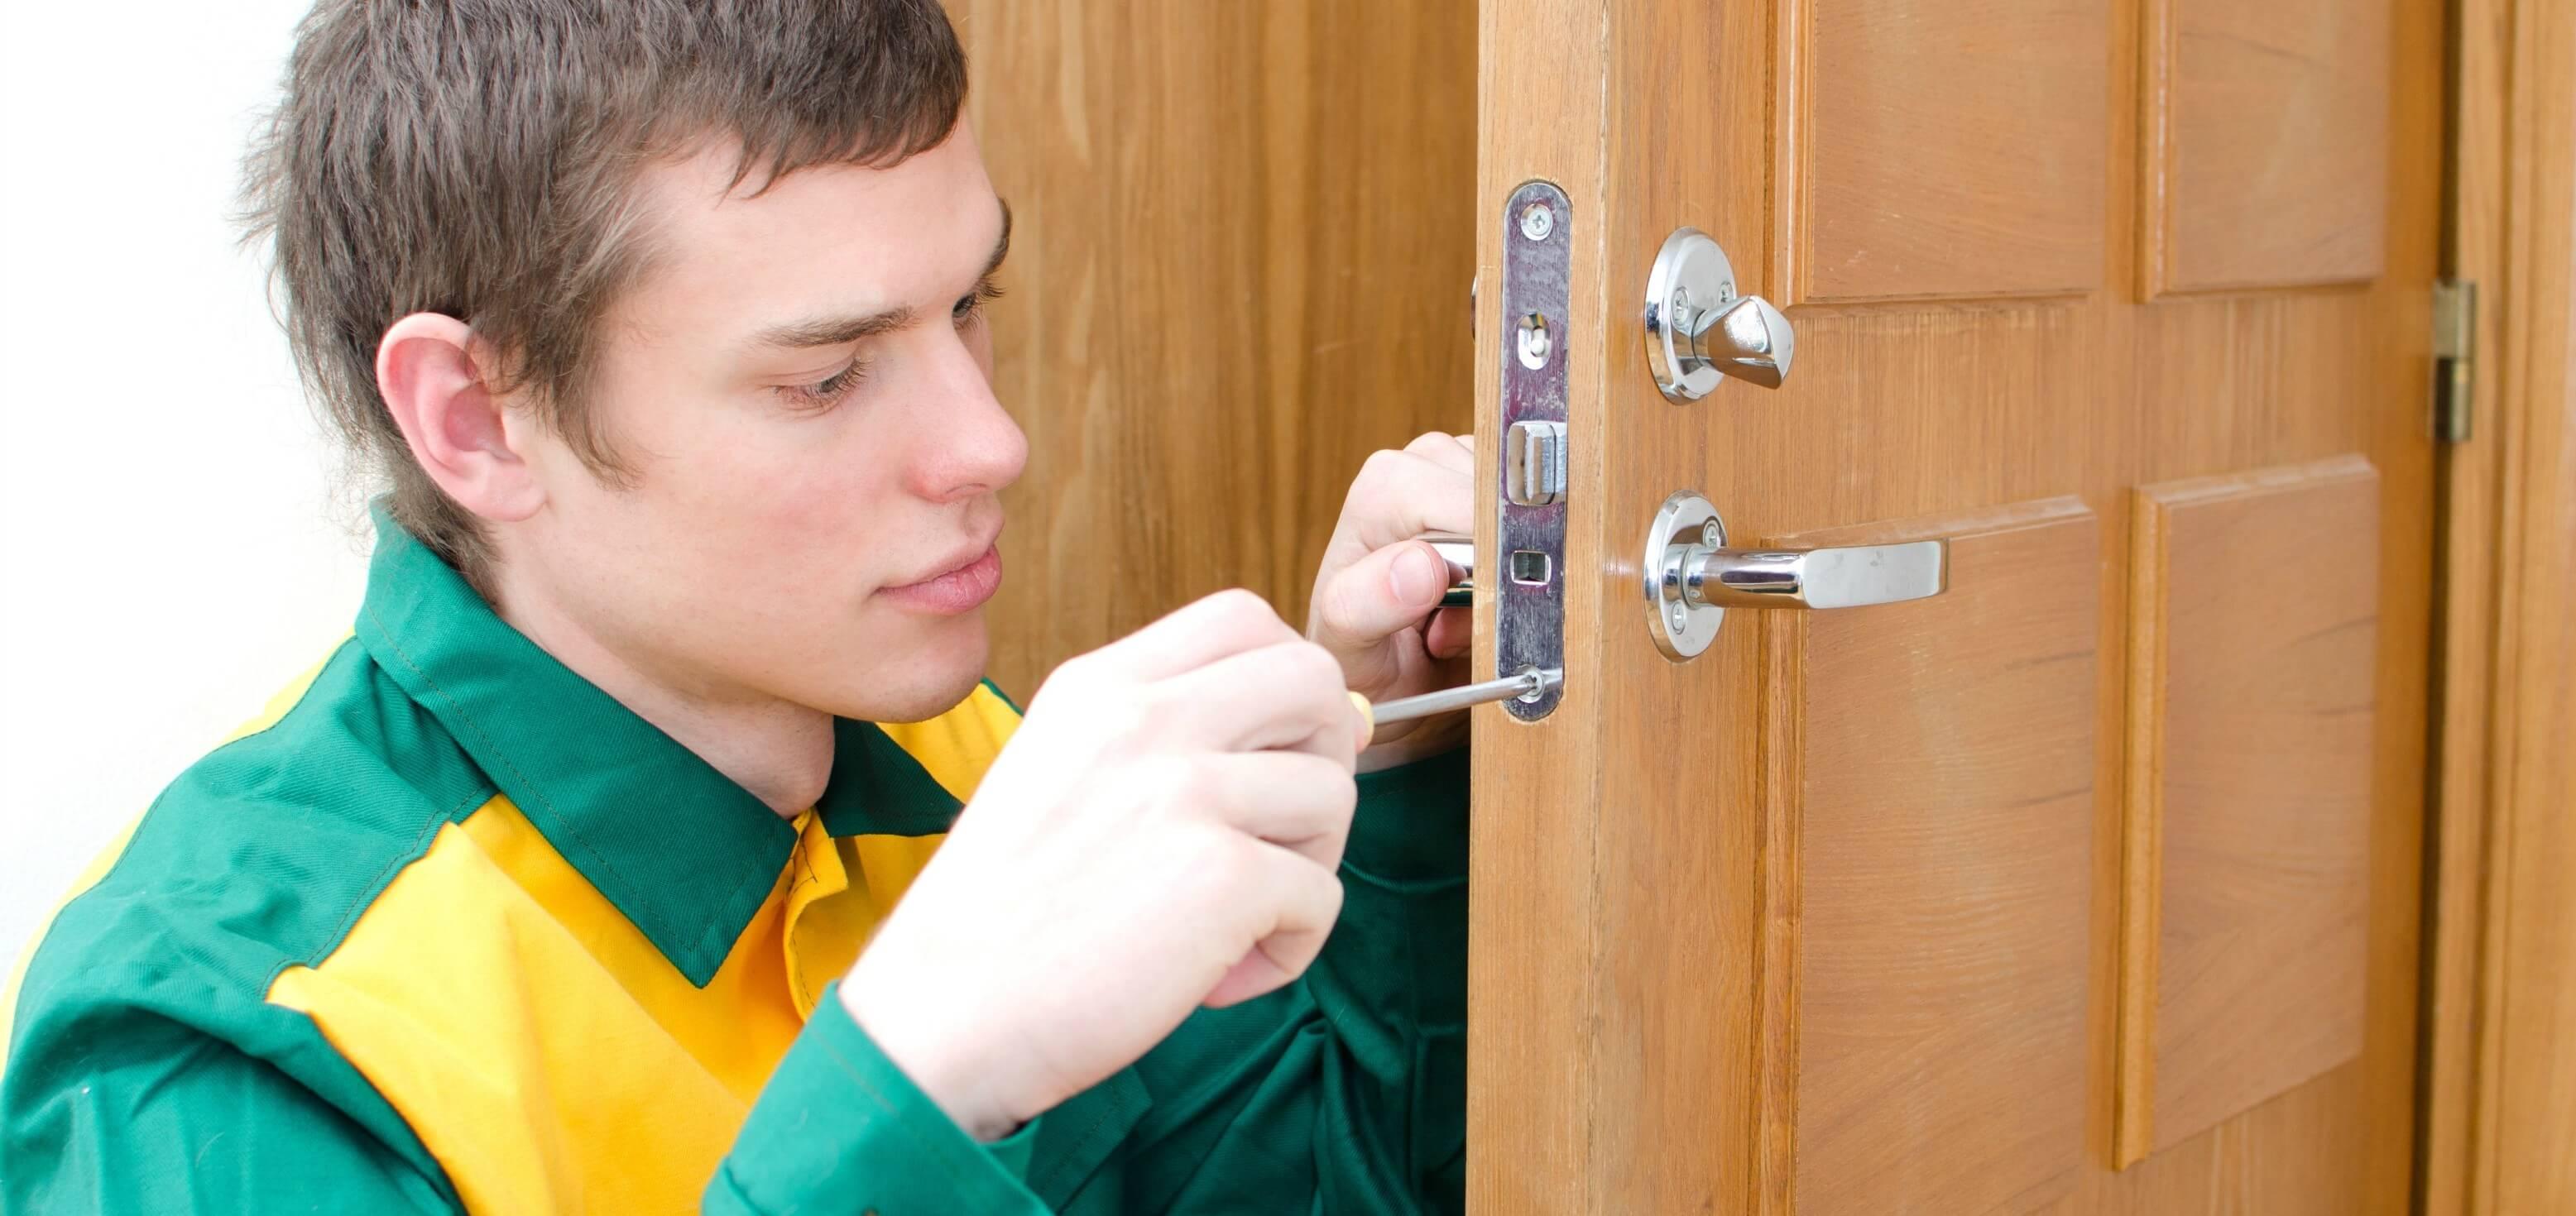 install a door